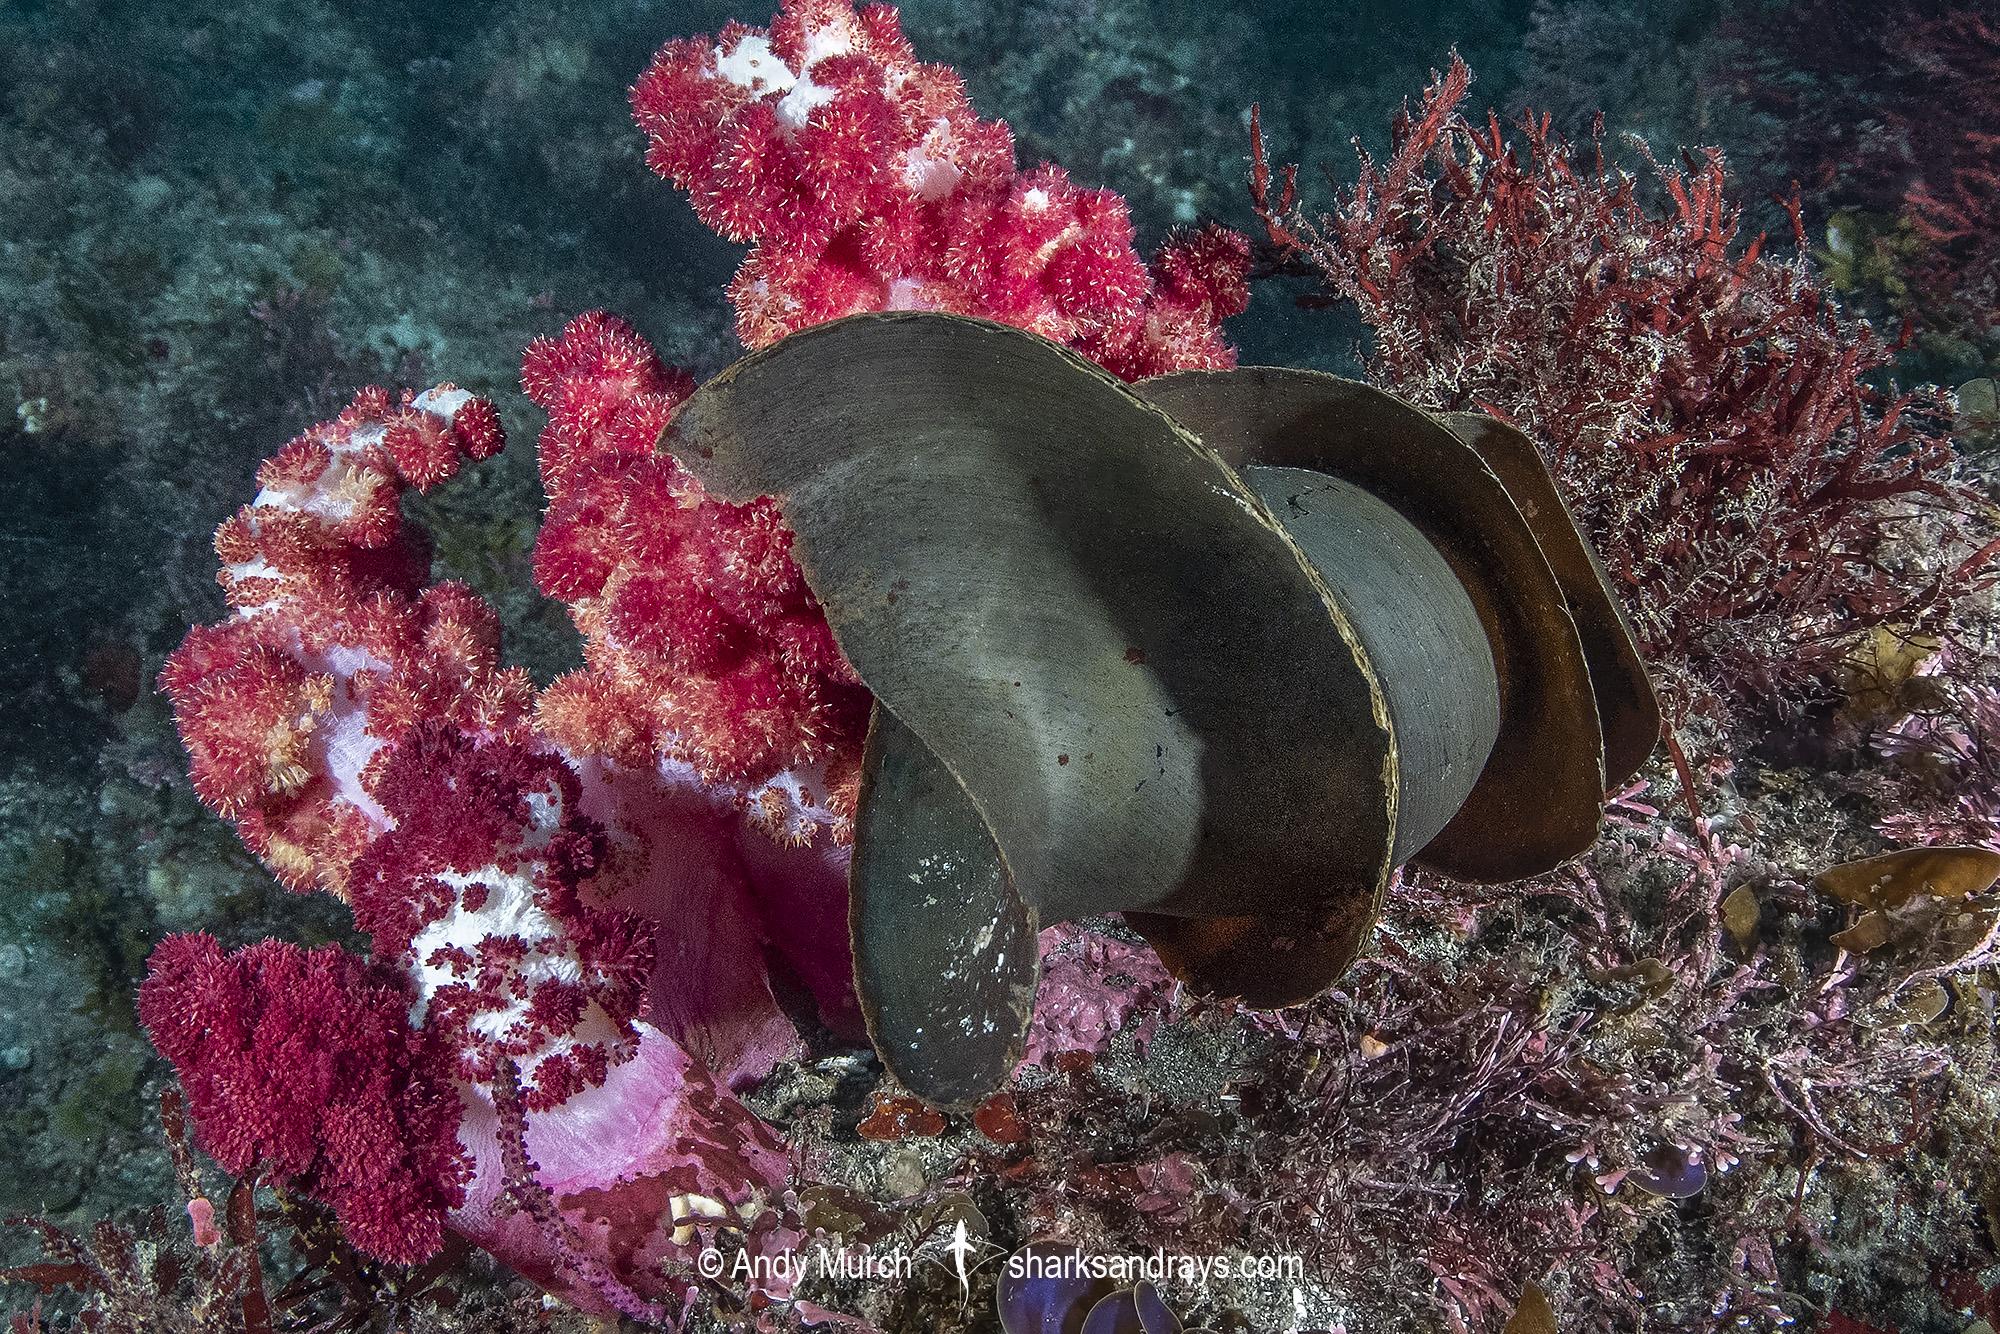 Japanese Bullhead Shark Egg Case